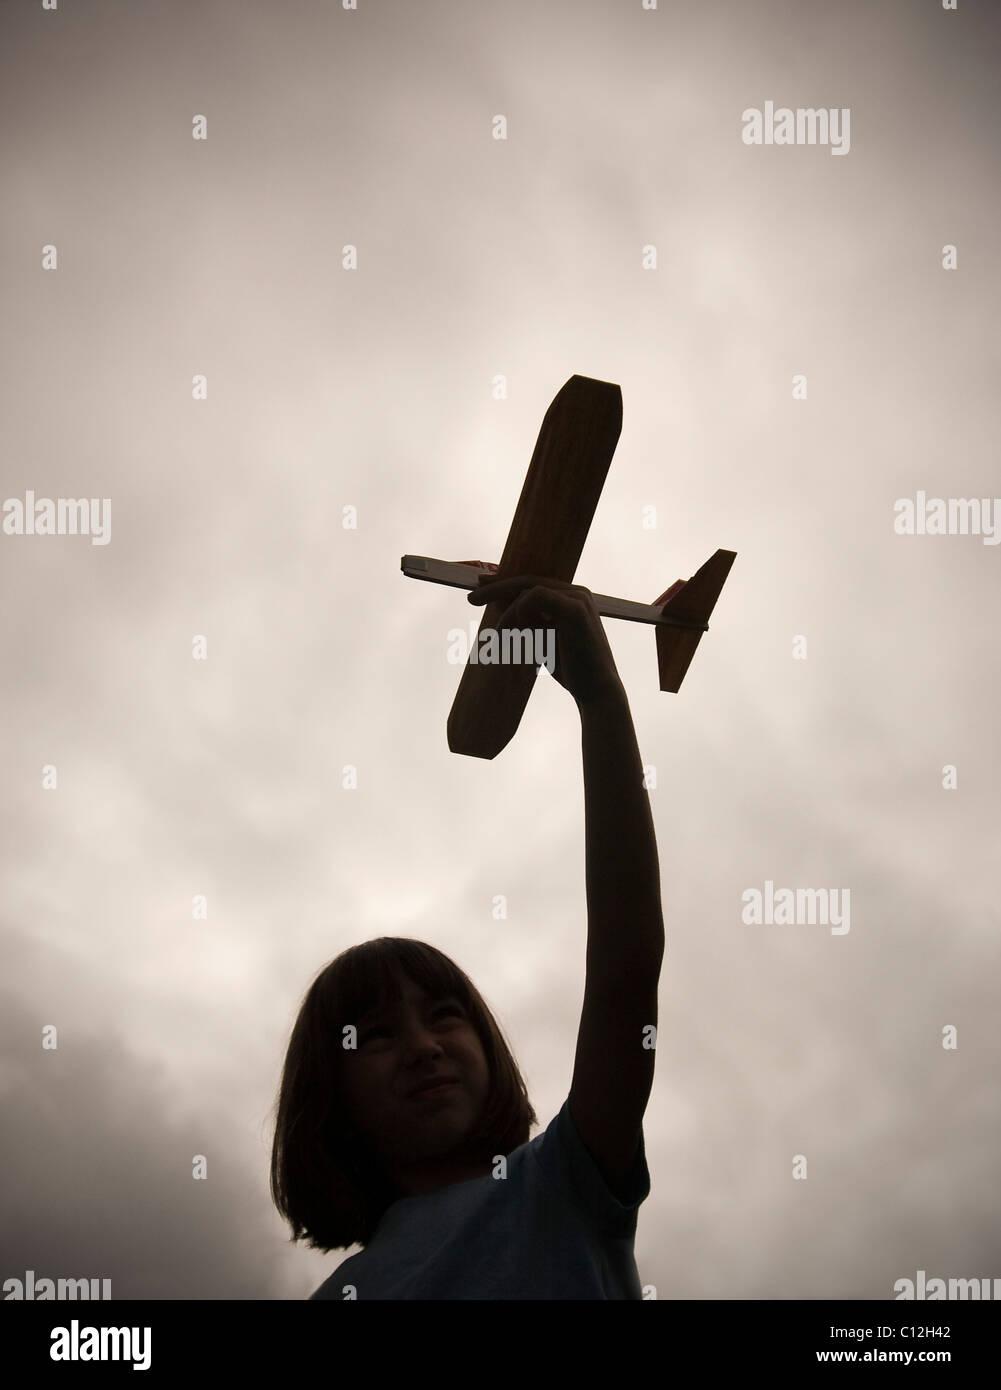 Ein Zehn Jahres altes Mädchen hält ein Spielflugzeug Balsa Holz, wie sie vor einem dunklen und trüben Himmel abhebt Stockfoto